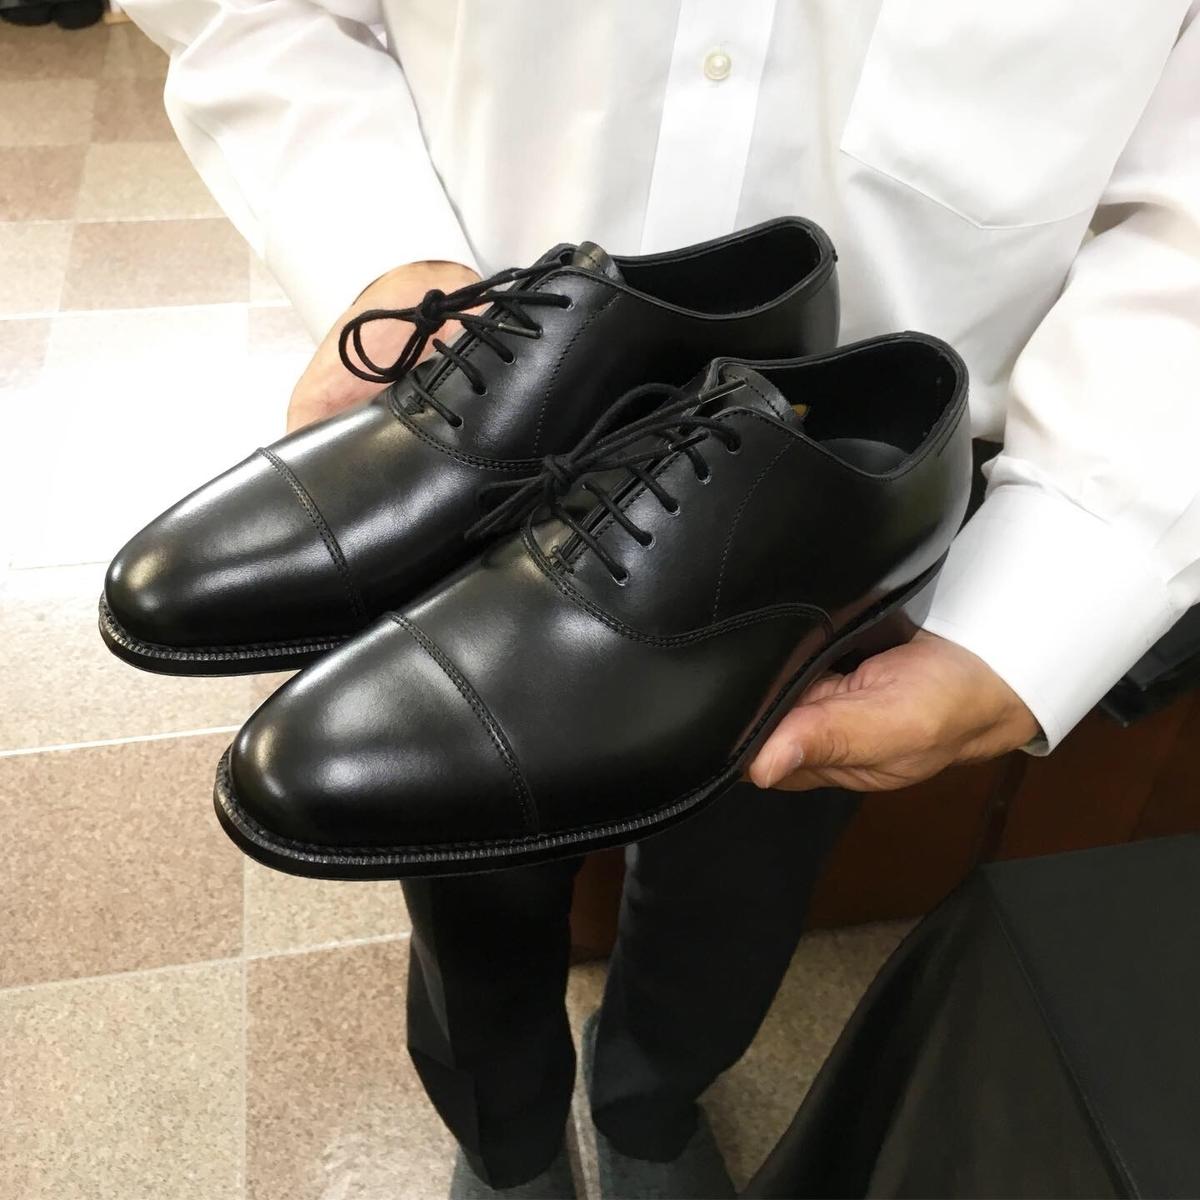 f:id:raymar-shoes:20190712230012j:plain